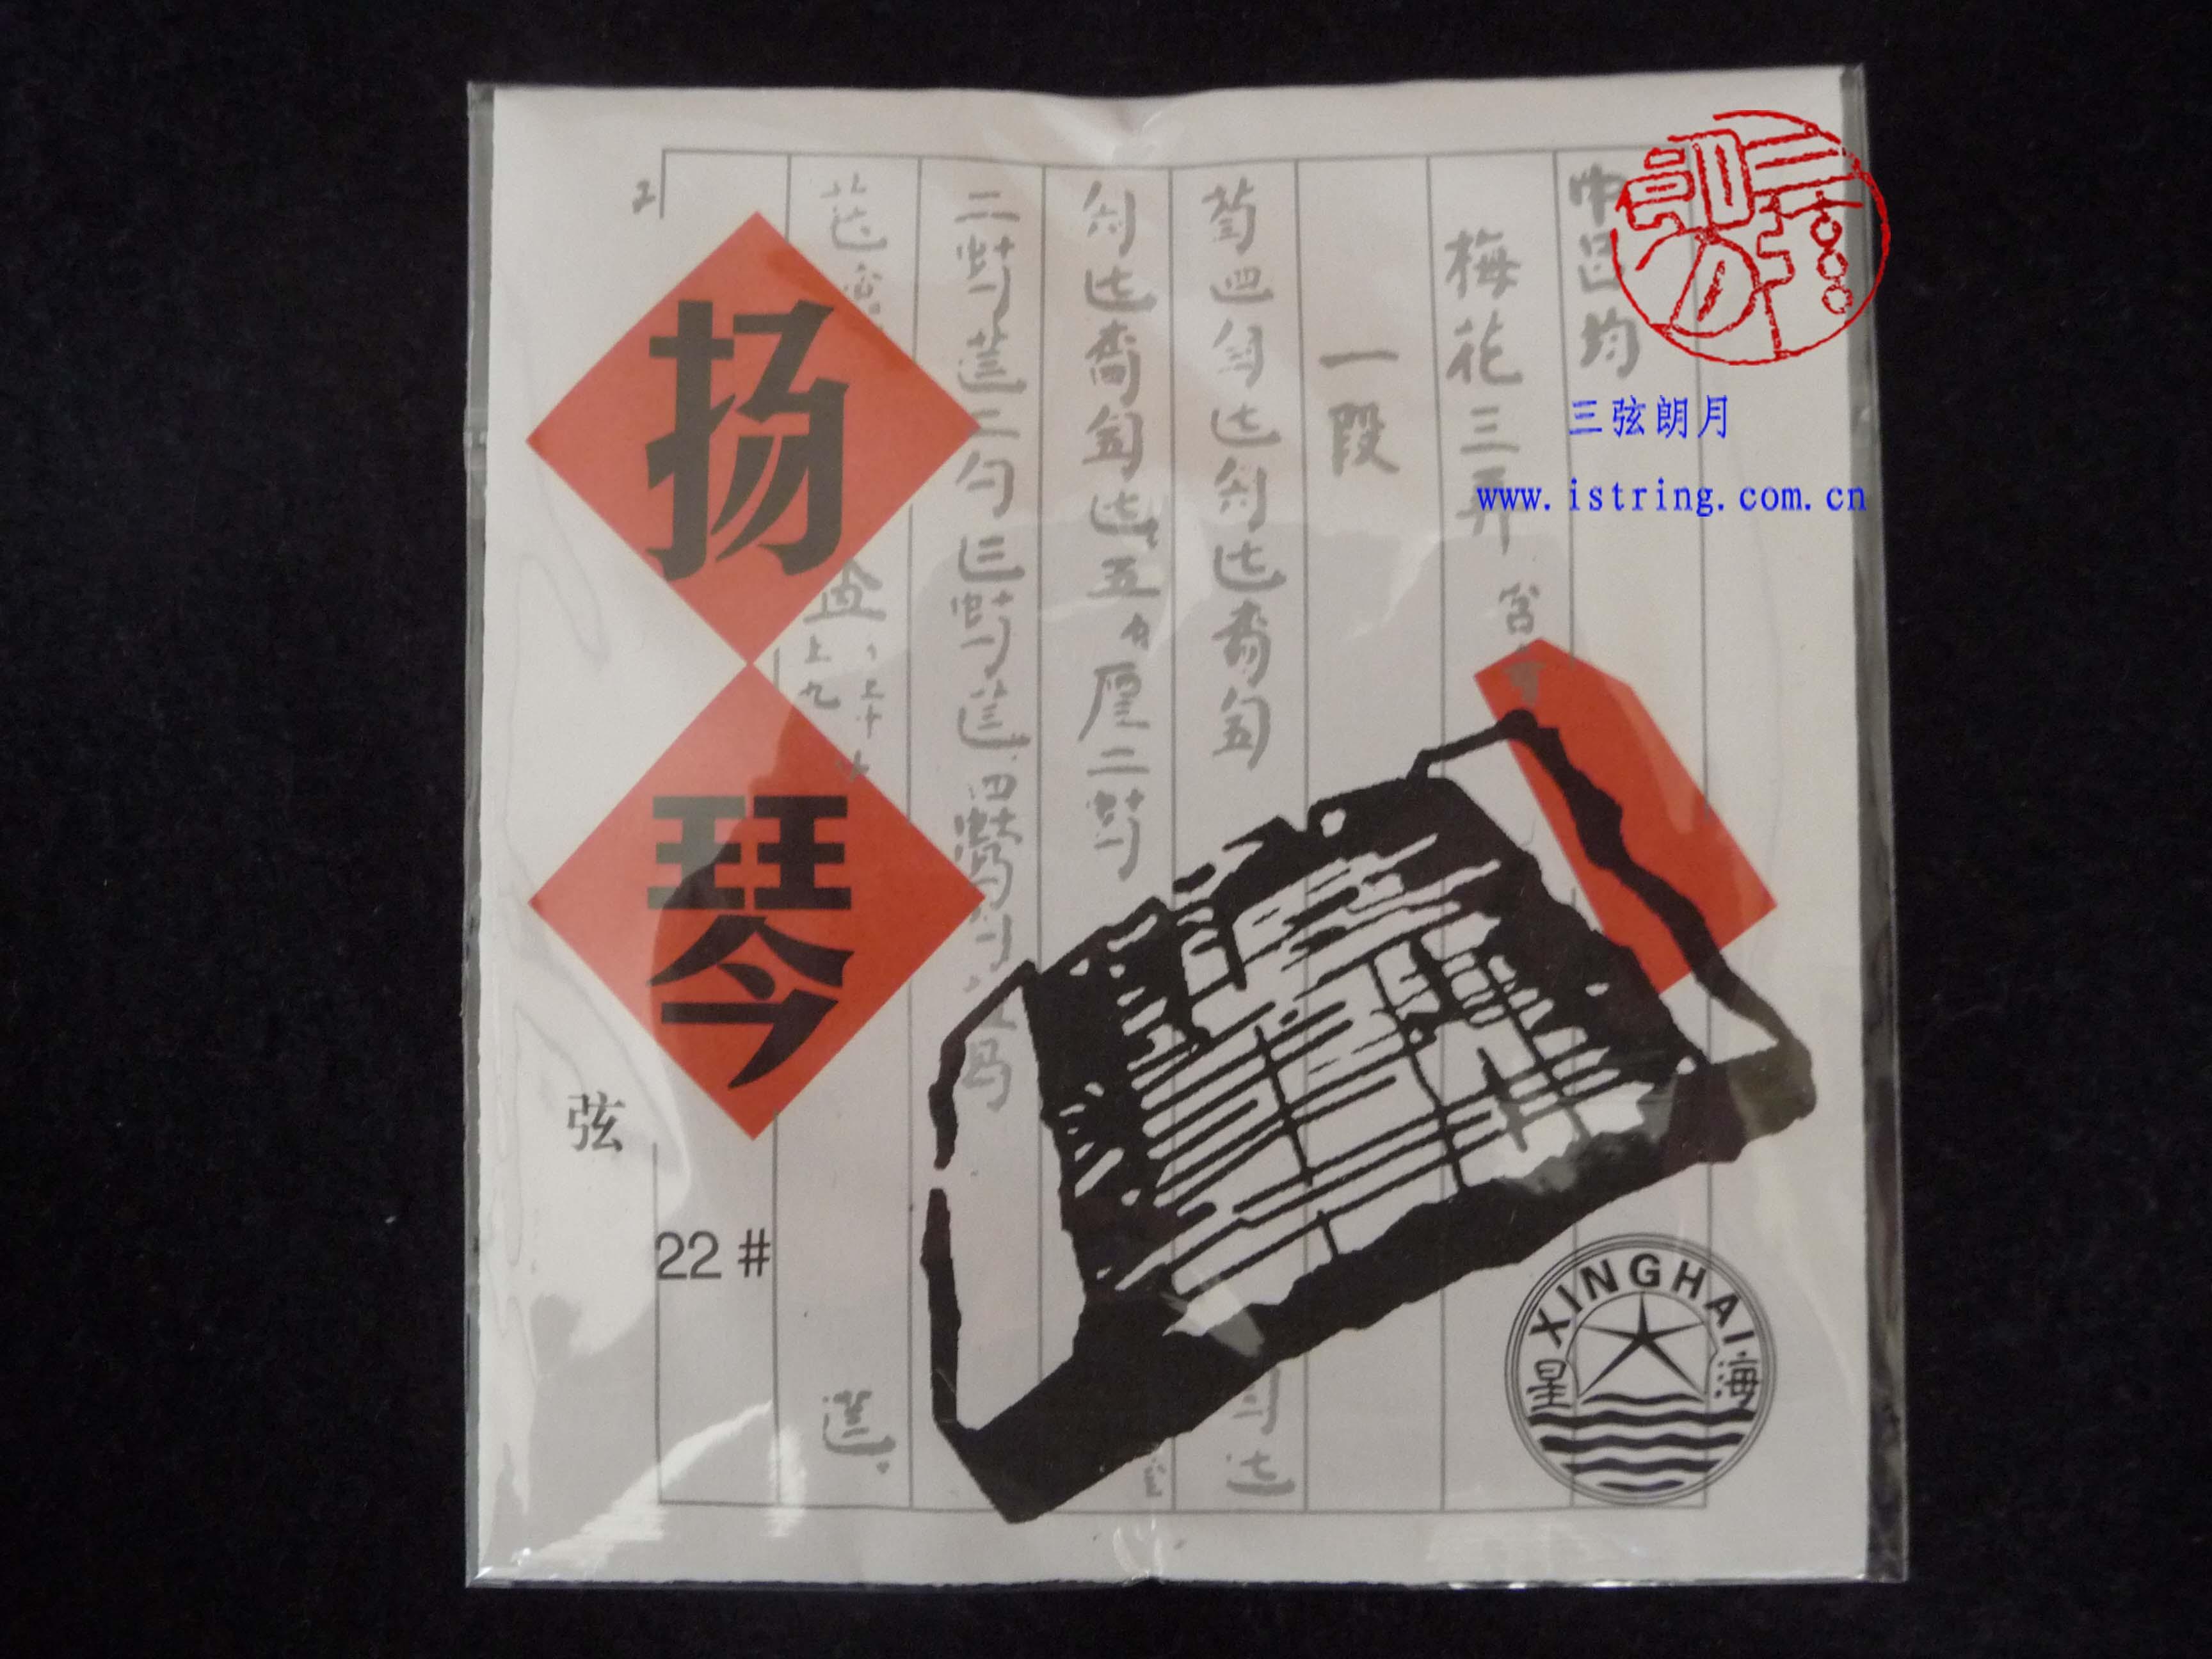 星海牌扬琴琴弦 401/501扬琴弦 14--25 26-30号弦 授权销售图片